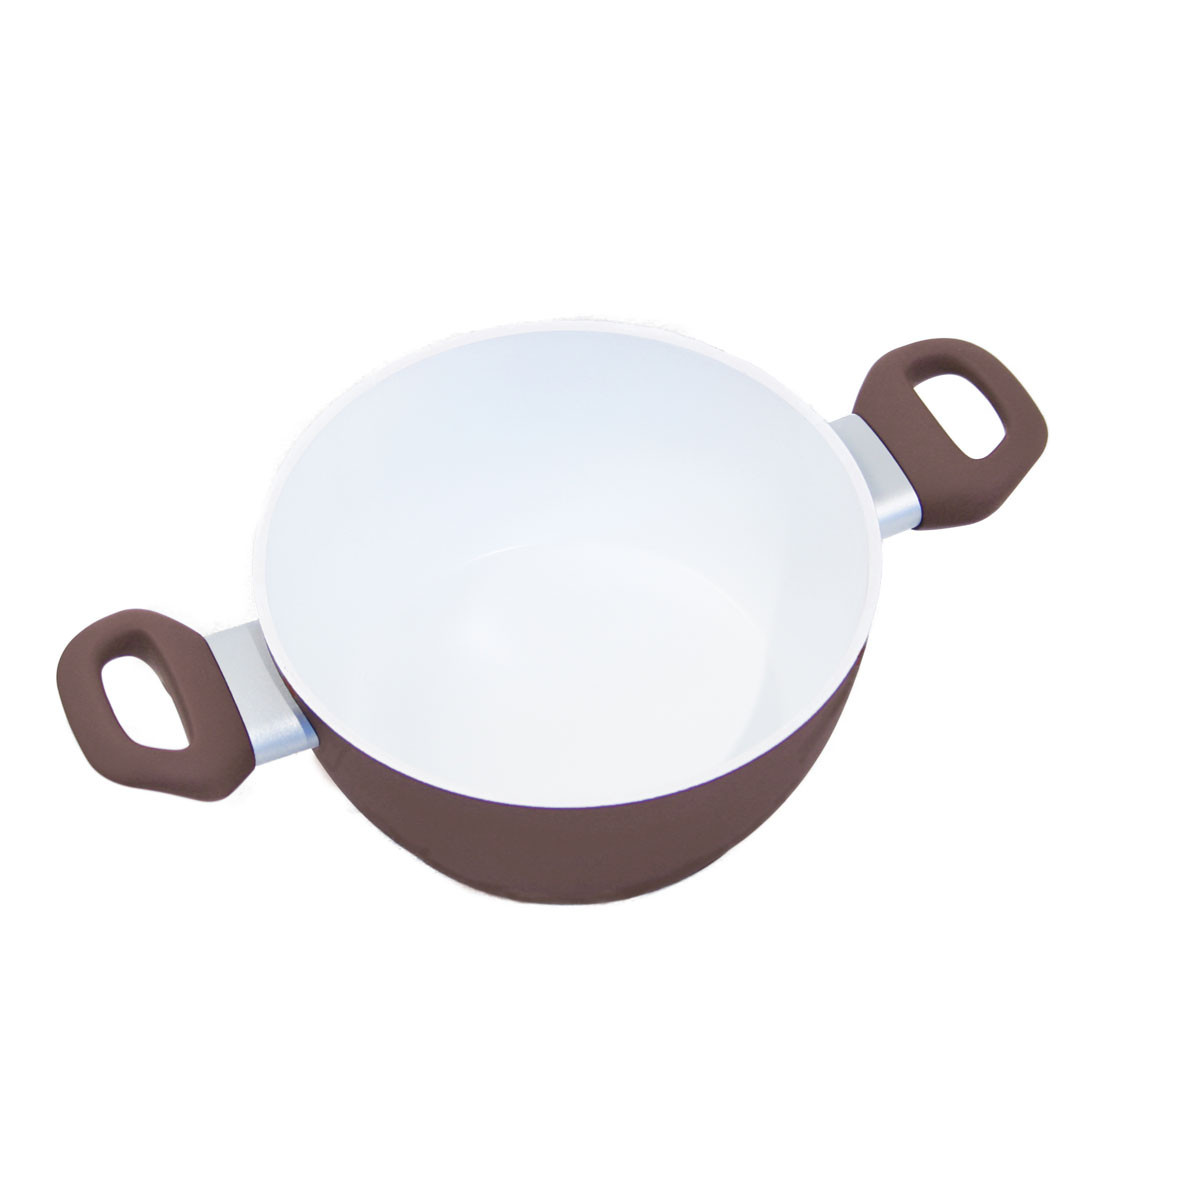 Кастрюля керамическая 24 см/4,5 л Barazzoni CAPPUCCINO (84810202472)